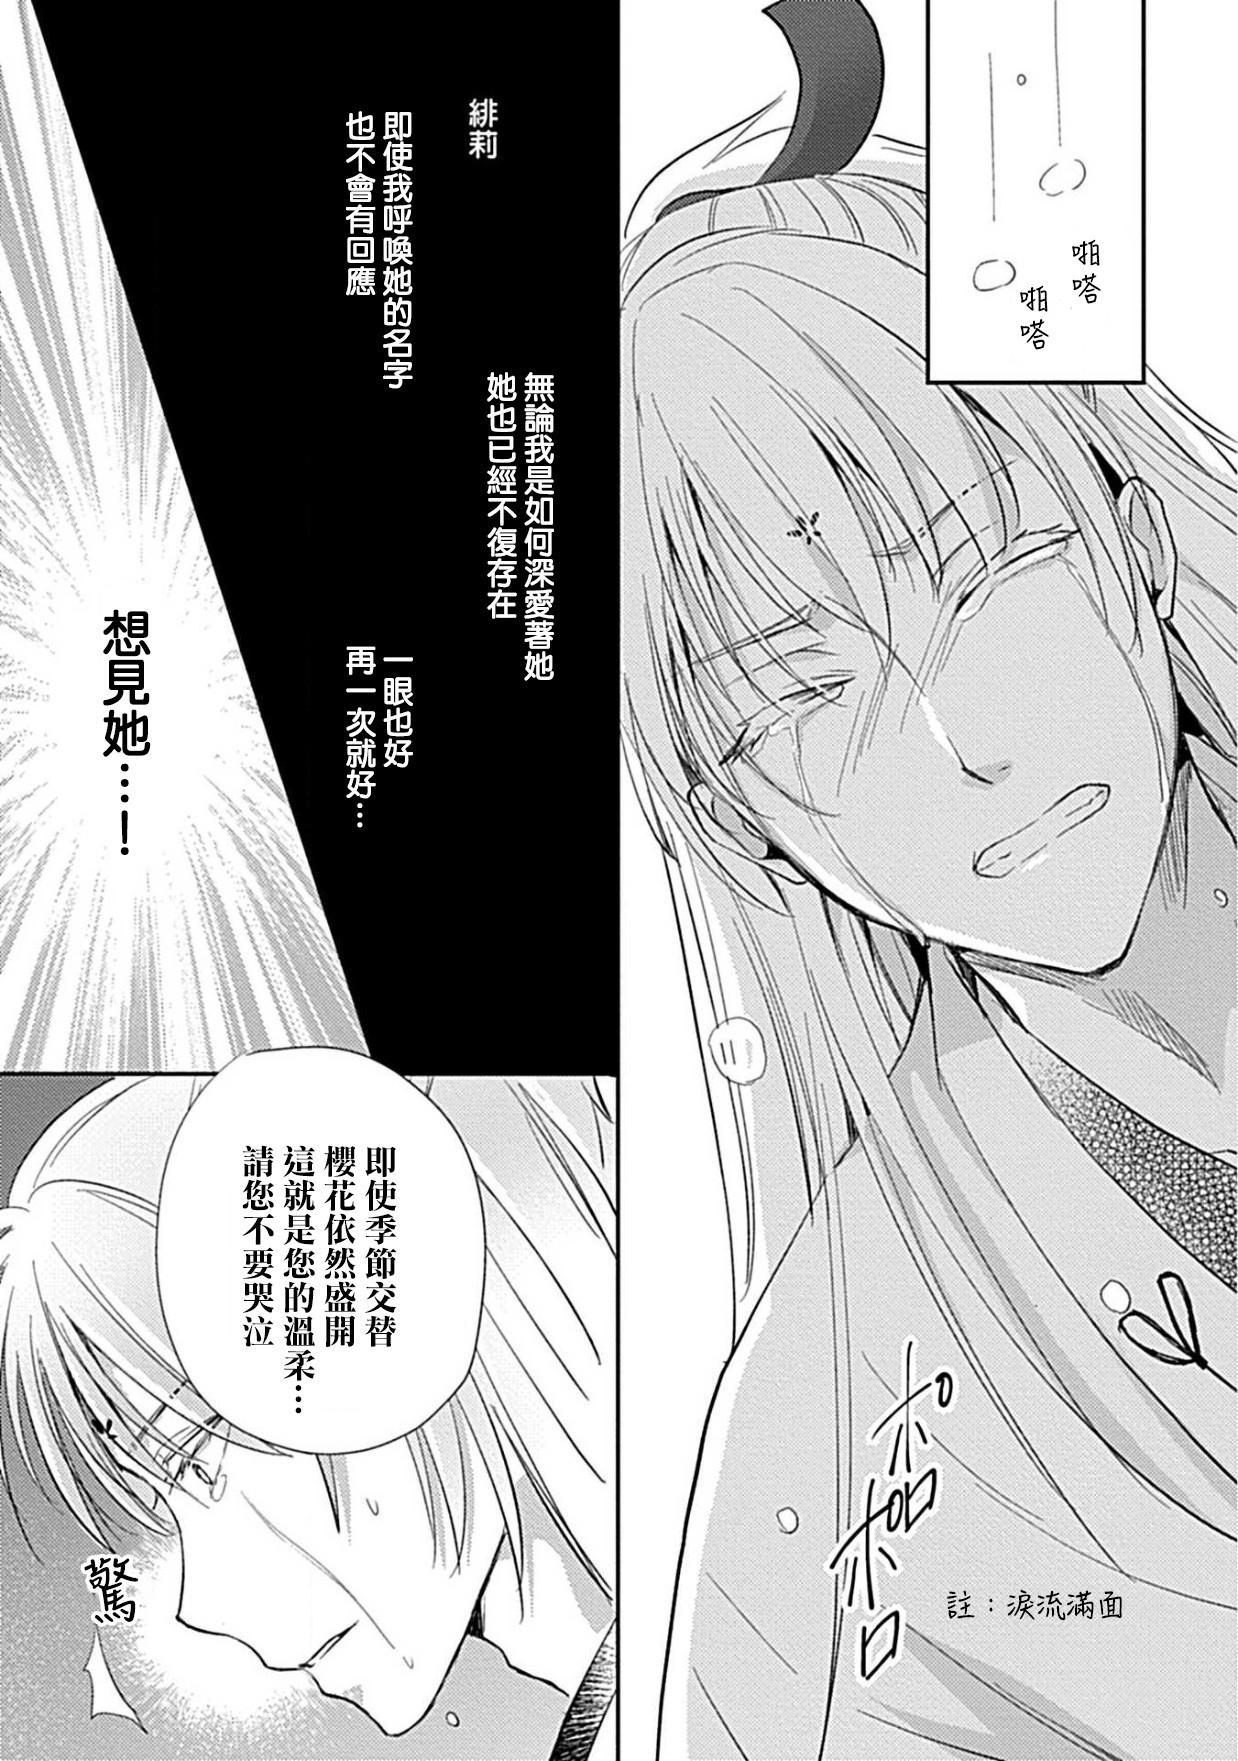 kyosei ranbu itoshi no kamisama ha amayaka ni osu deshita | 嬌聲亂舞 深愛的神明大人甜寵且英勇 67